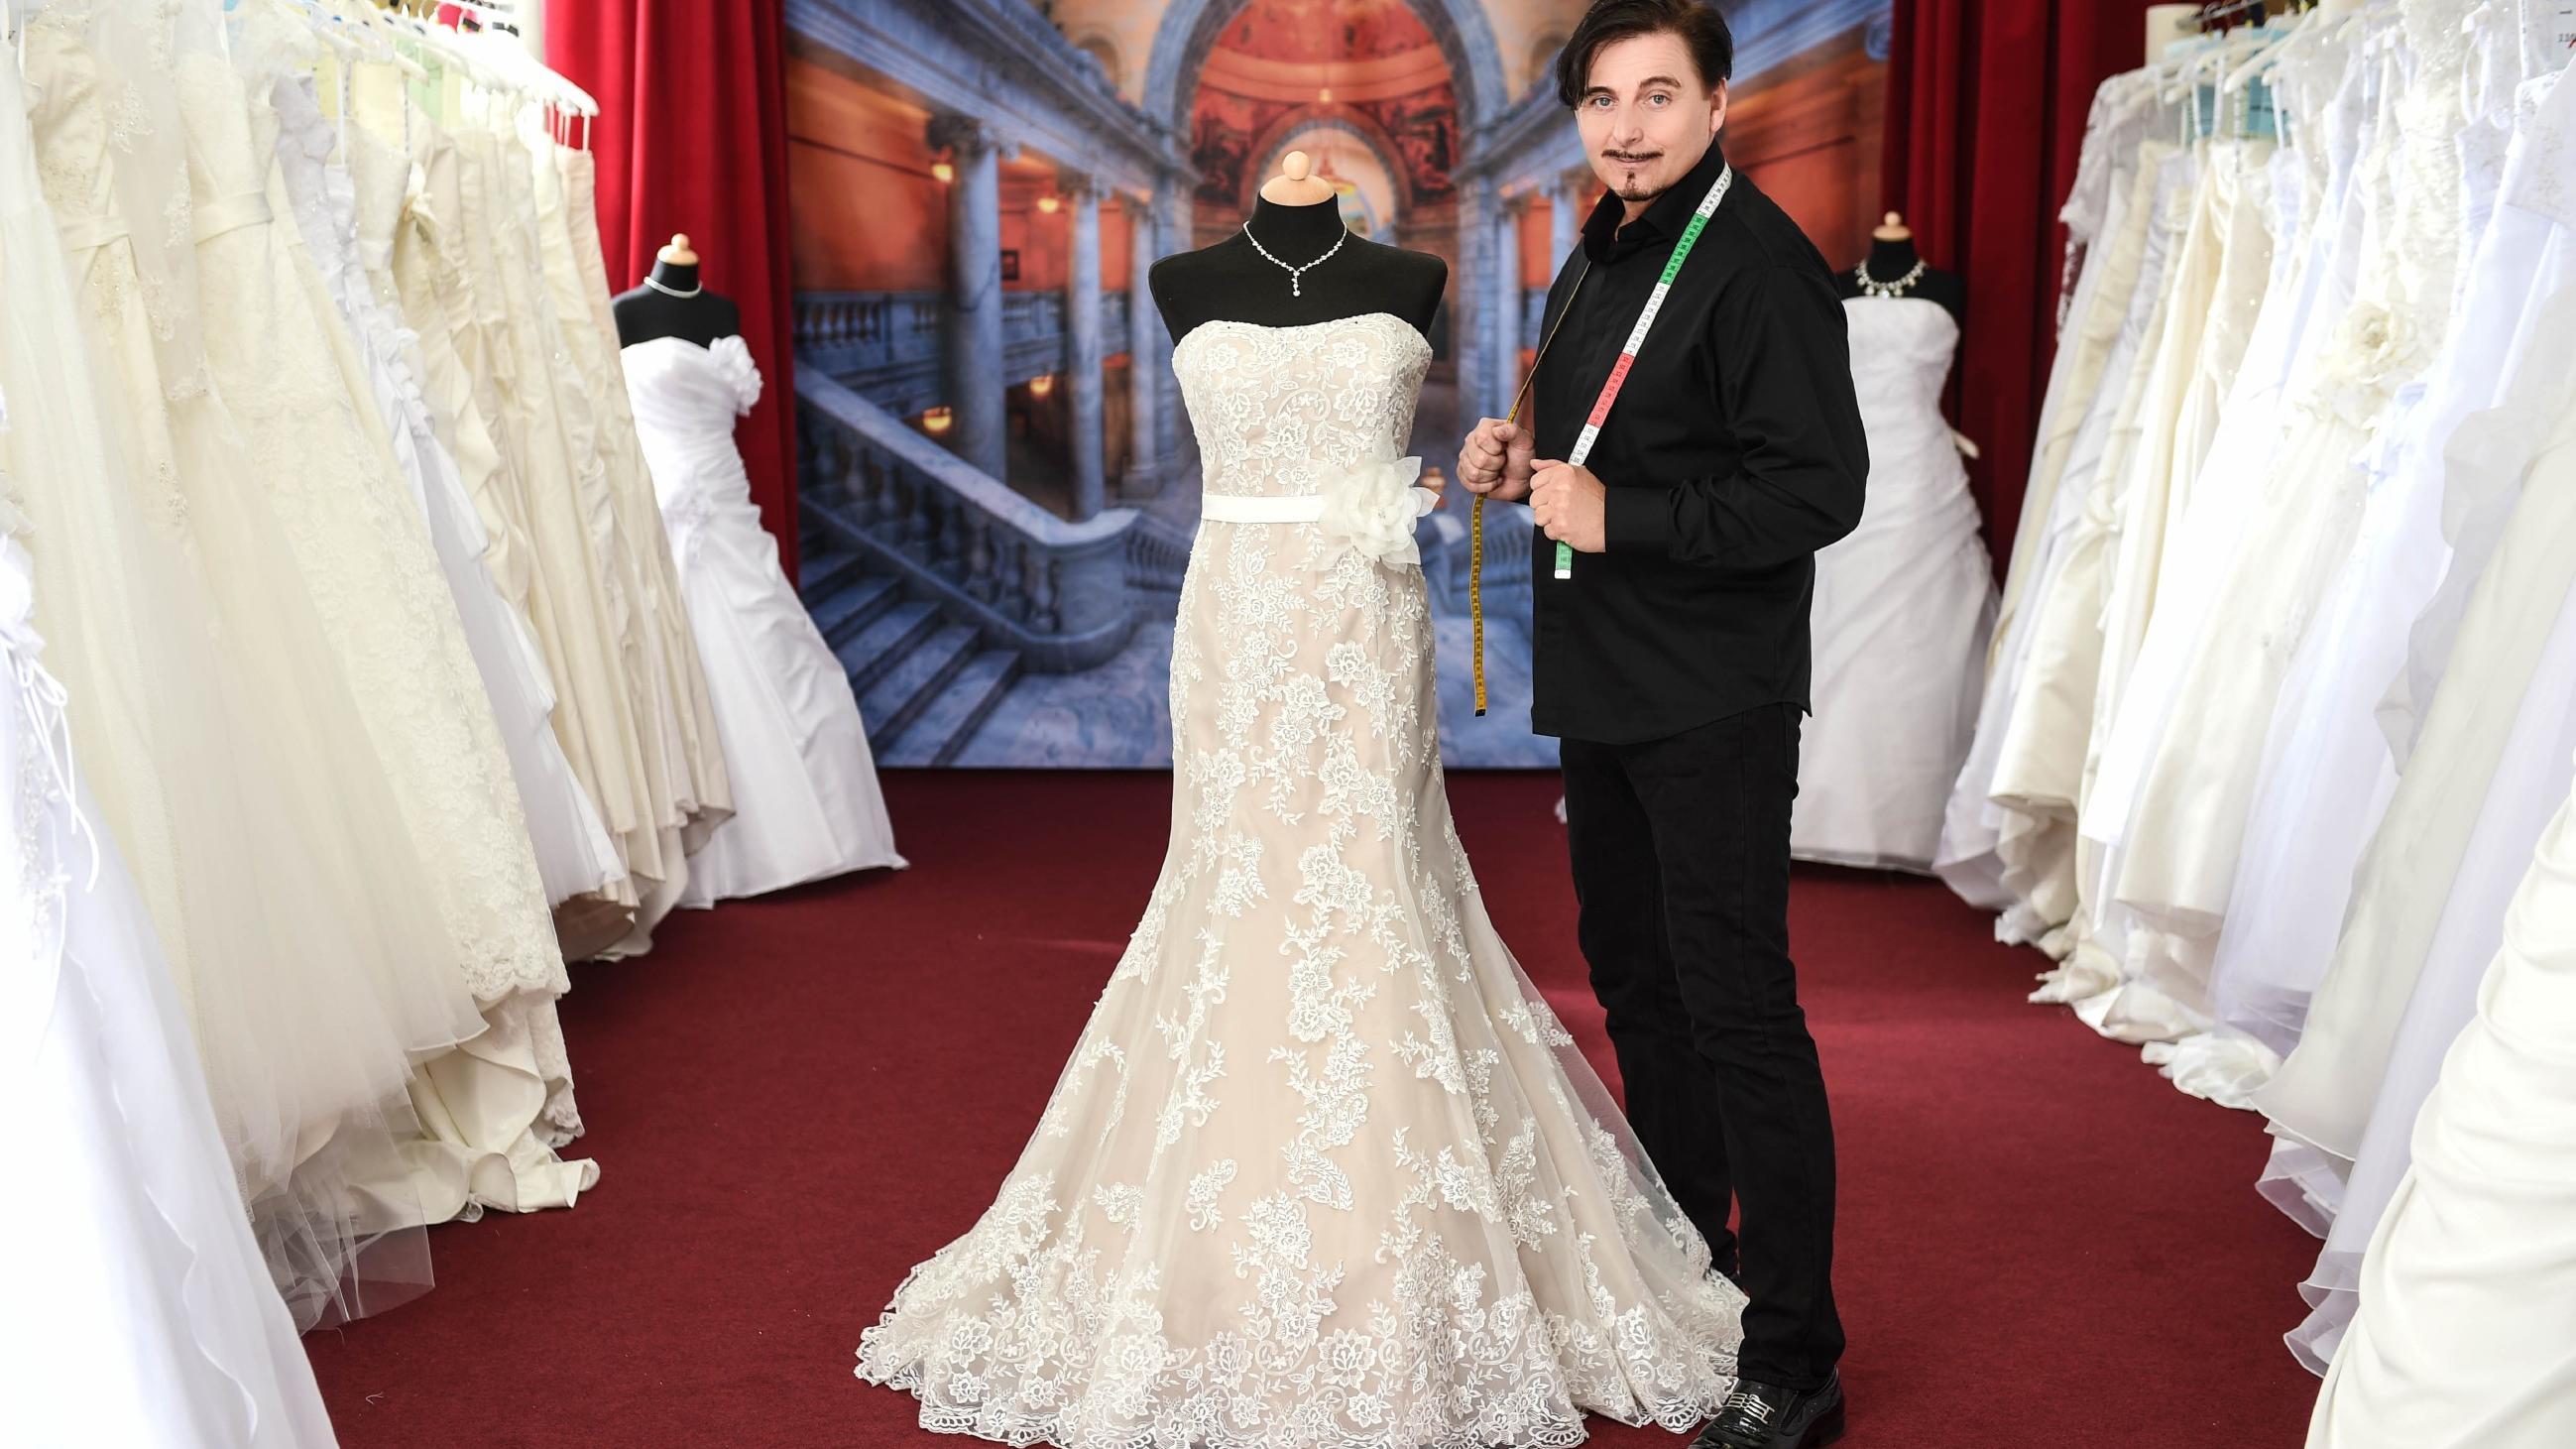 Uwe Herrmann: Brautkleid-Papst verlangt Eintritt fürs Shopping